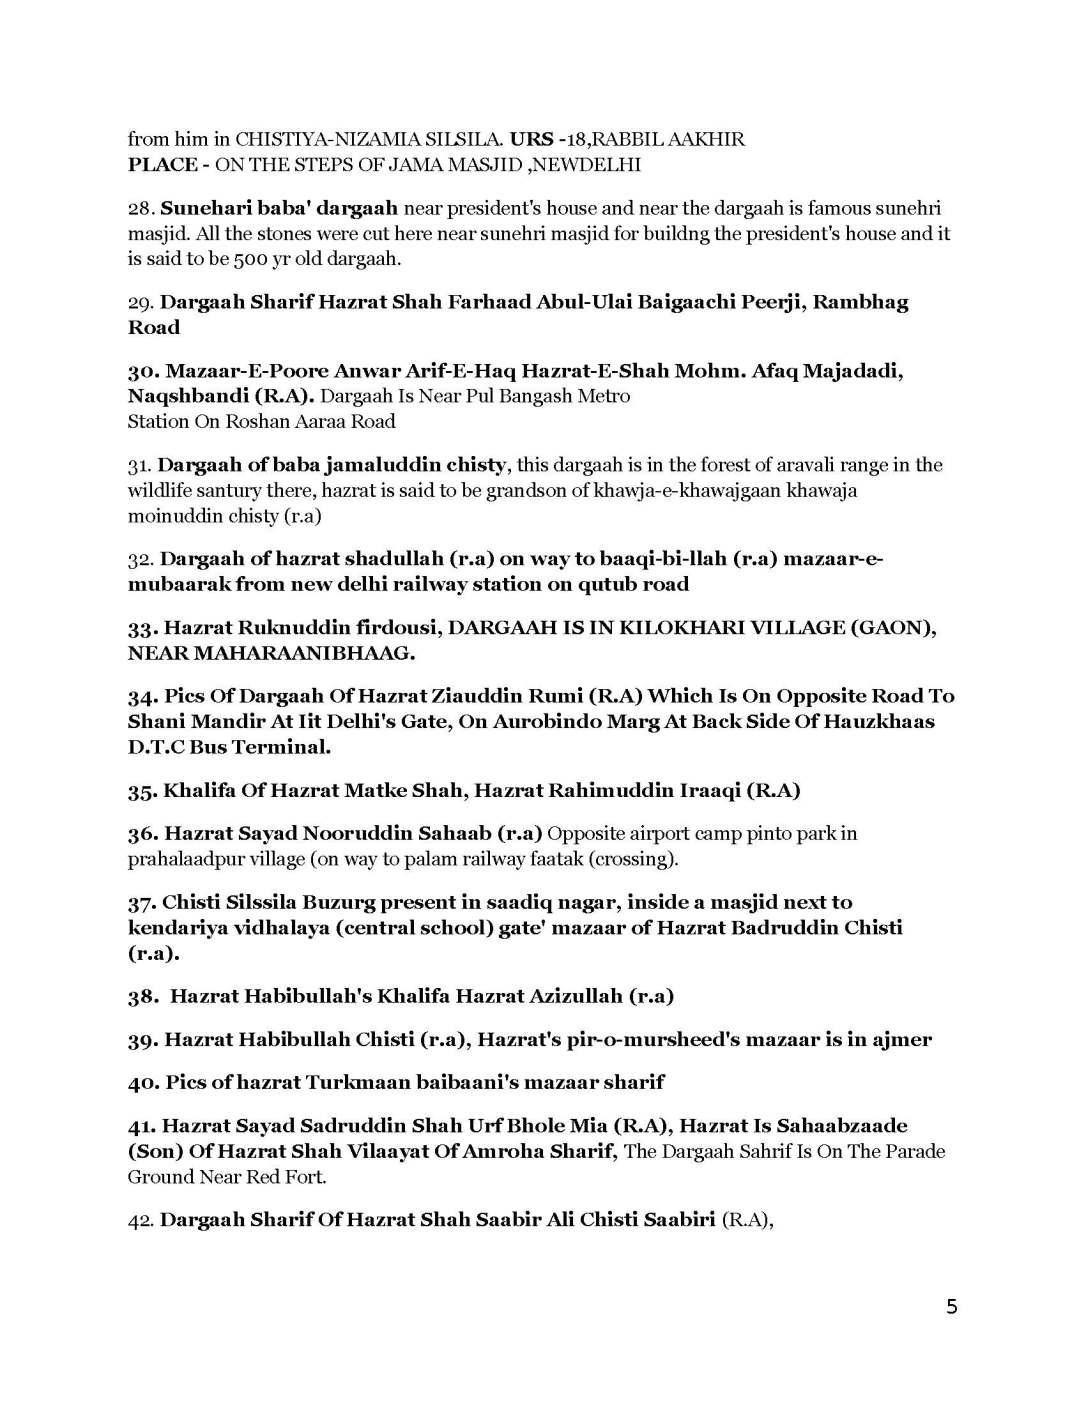 306889533-List-of-Dargahs-in-Delhi_Page_5